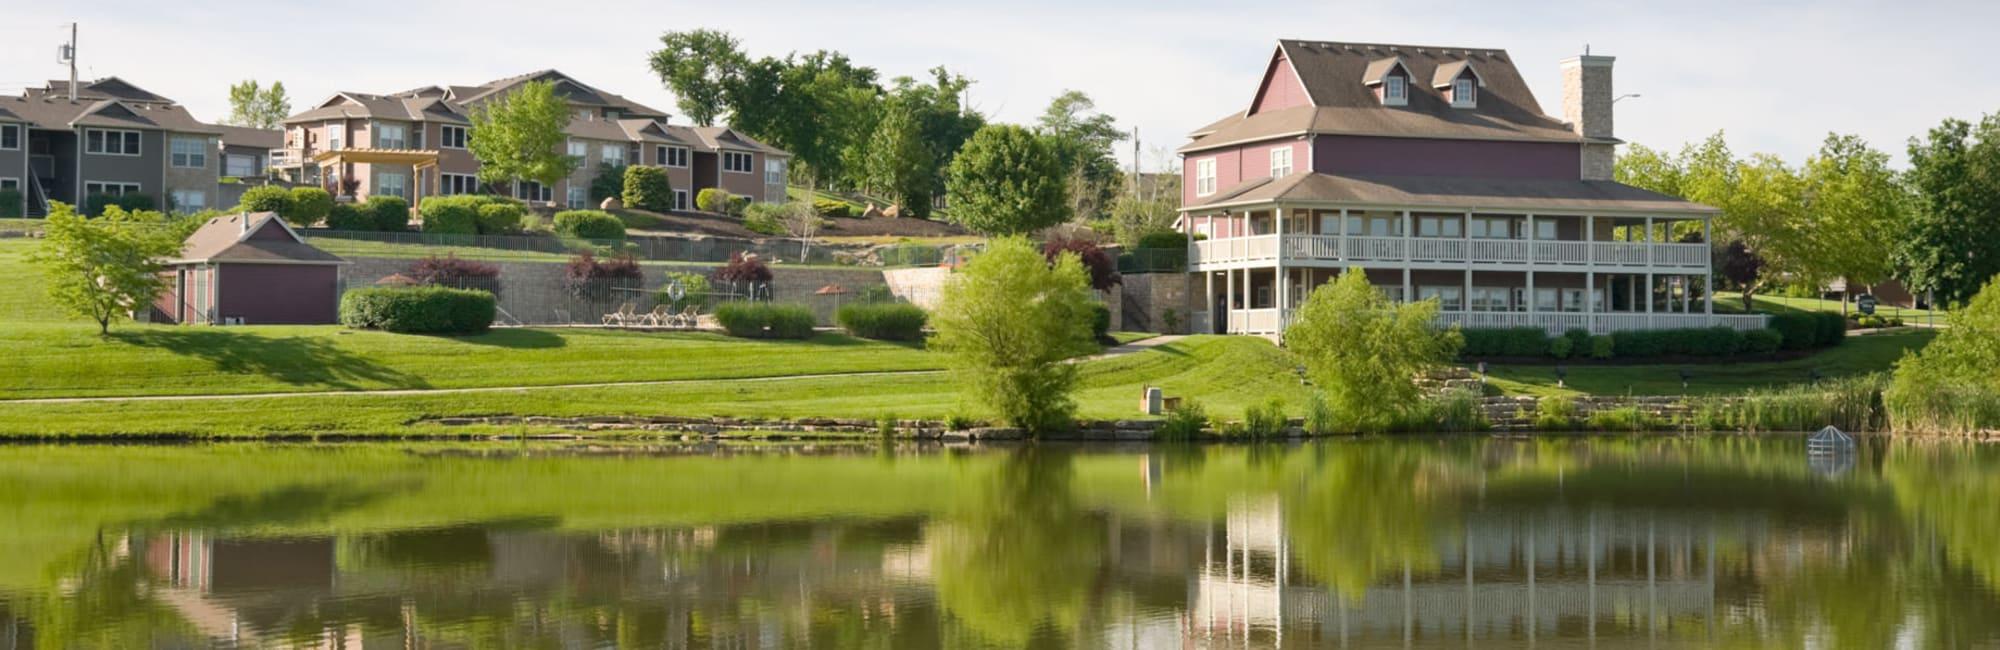 Kansas City, Missouri, apartments at Timber Lakes Apartment Homes